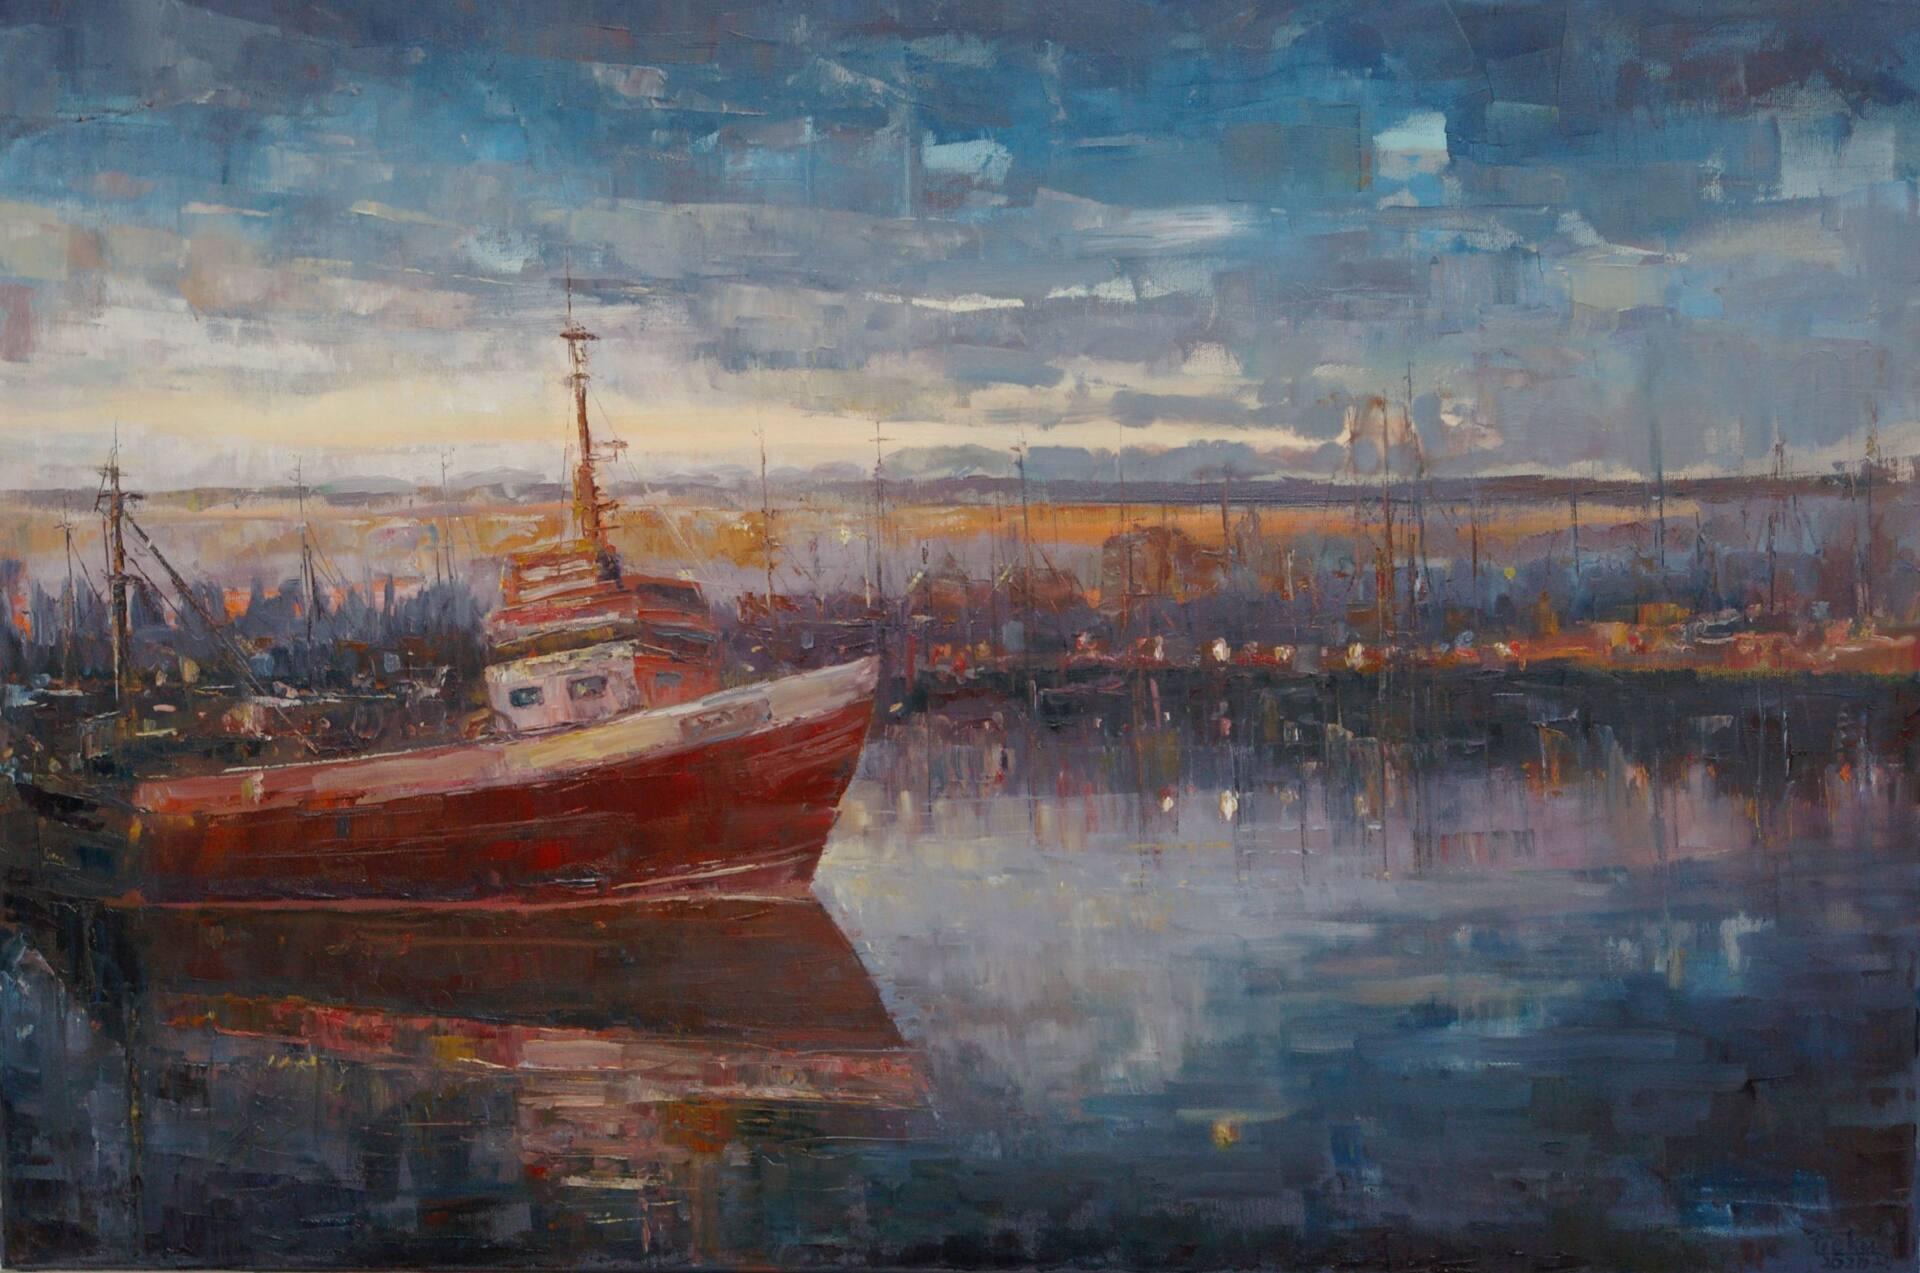 dariusz piekut w porcie 2020 r olej plotno 70x100 cm Obrazy Dariusza Piekuta będą prezentowane na Biennale Malarstwa w Gdyni.